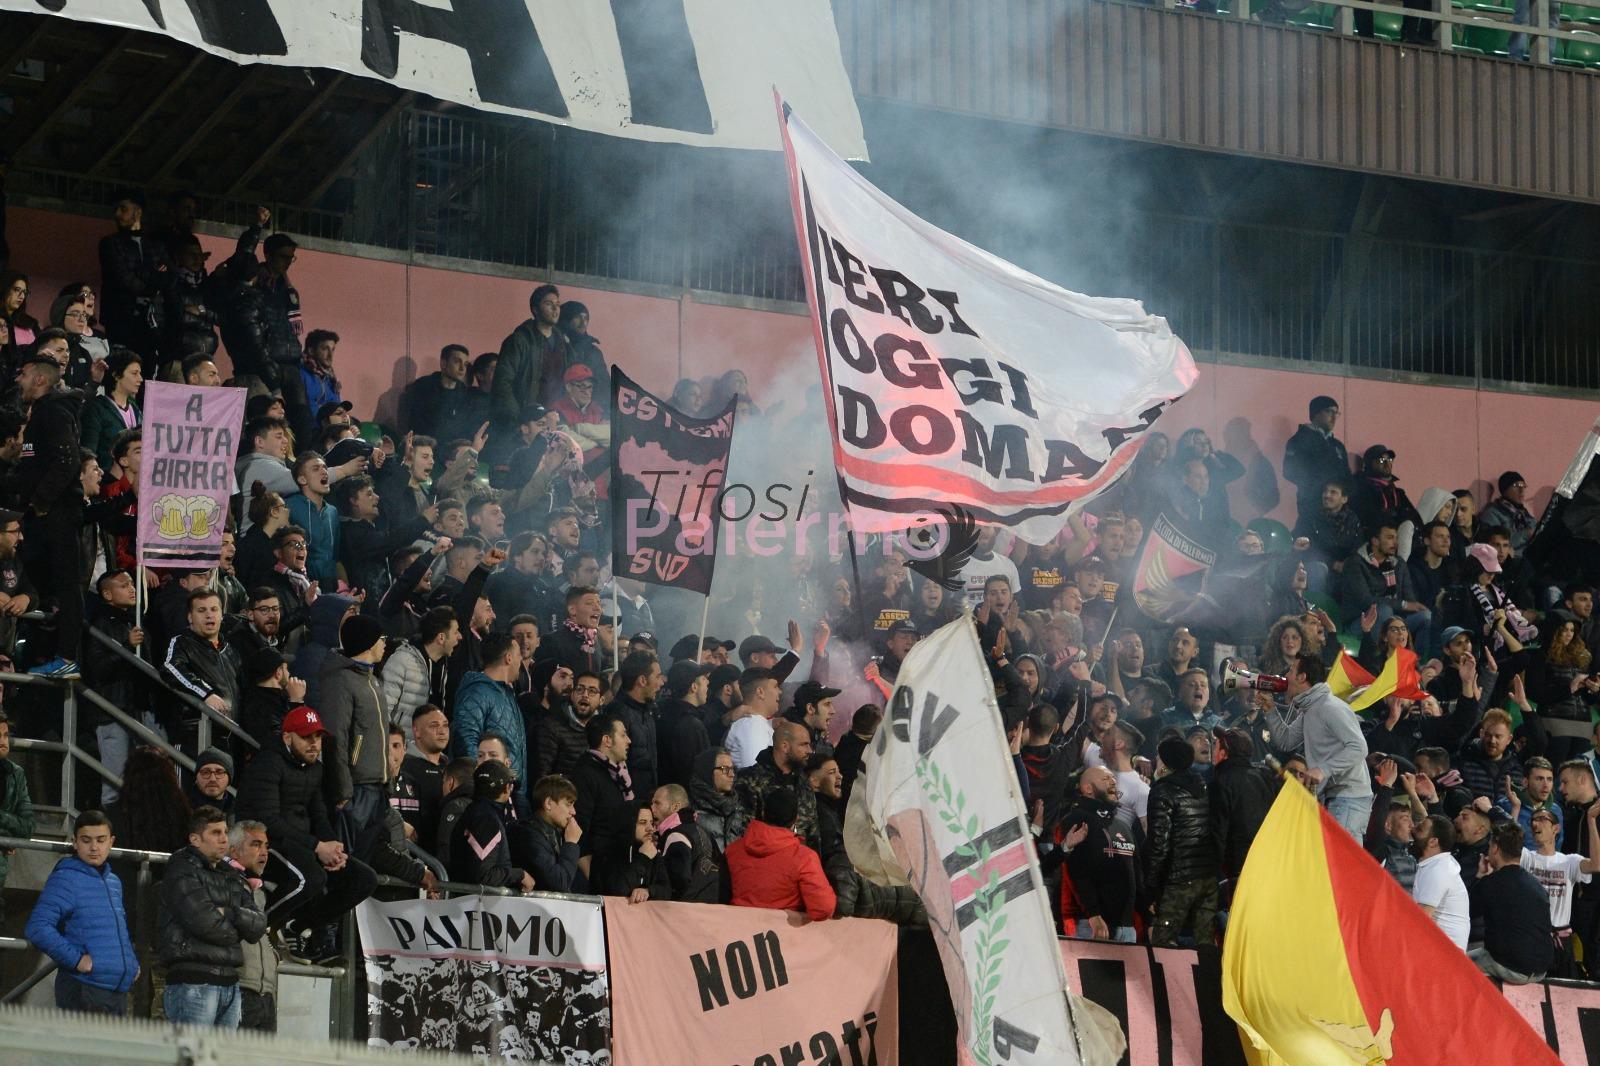 Palermo CNI